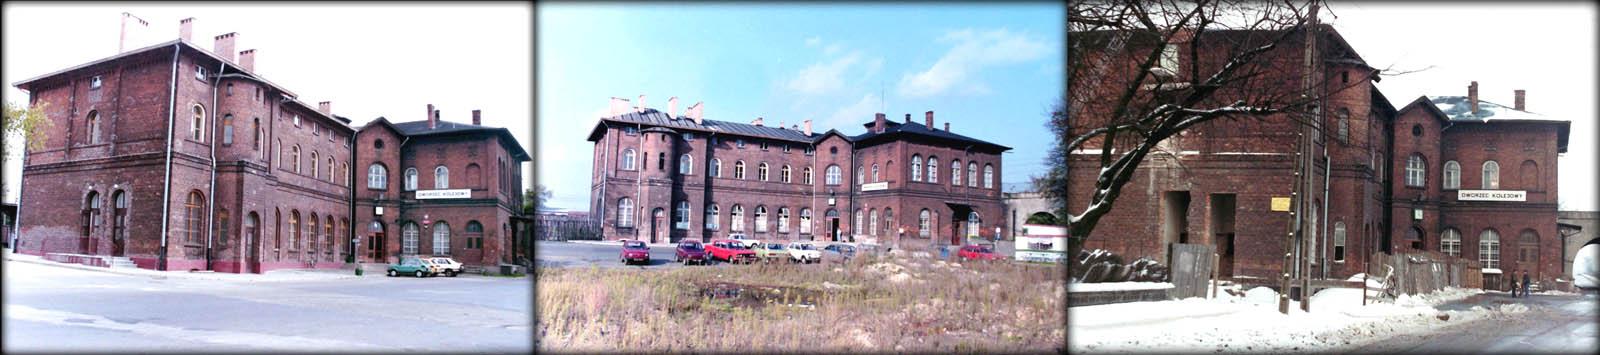 Porównanie dworca od zajazdu. po prawej z dnia 11.04.1991. Środkowy i po lewej 19.01.1992.